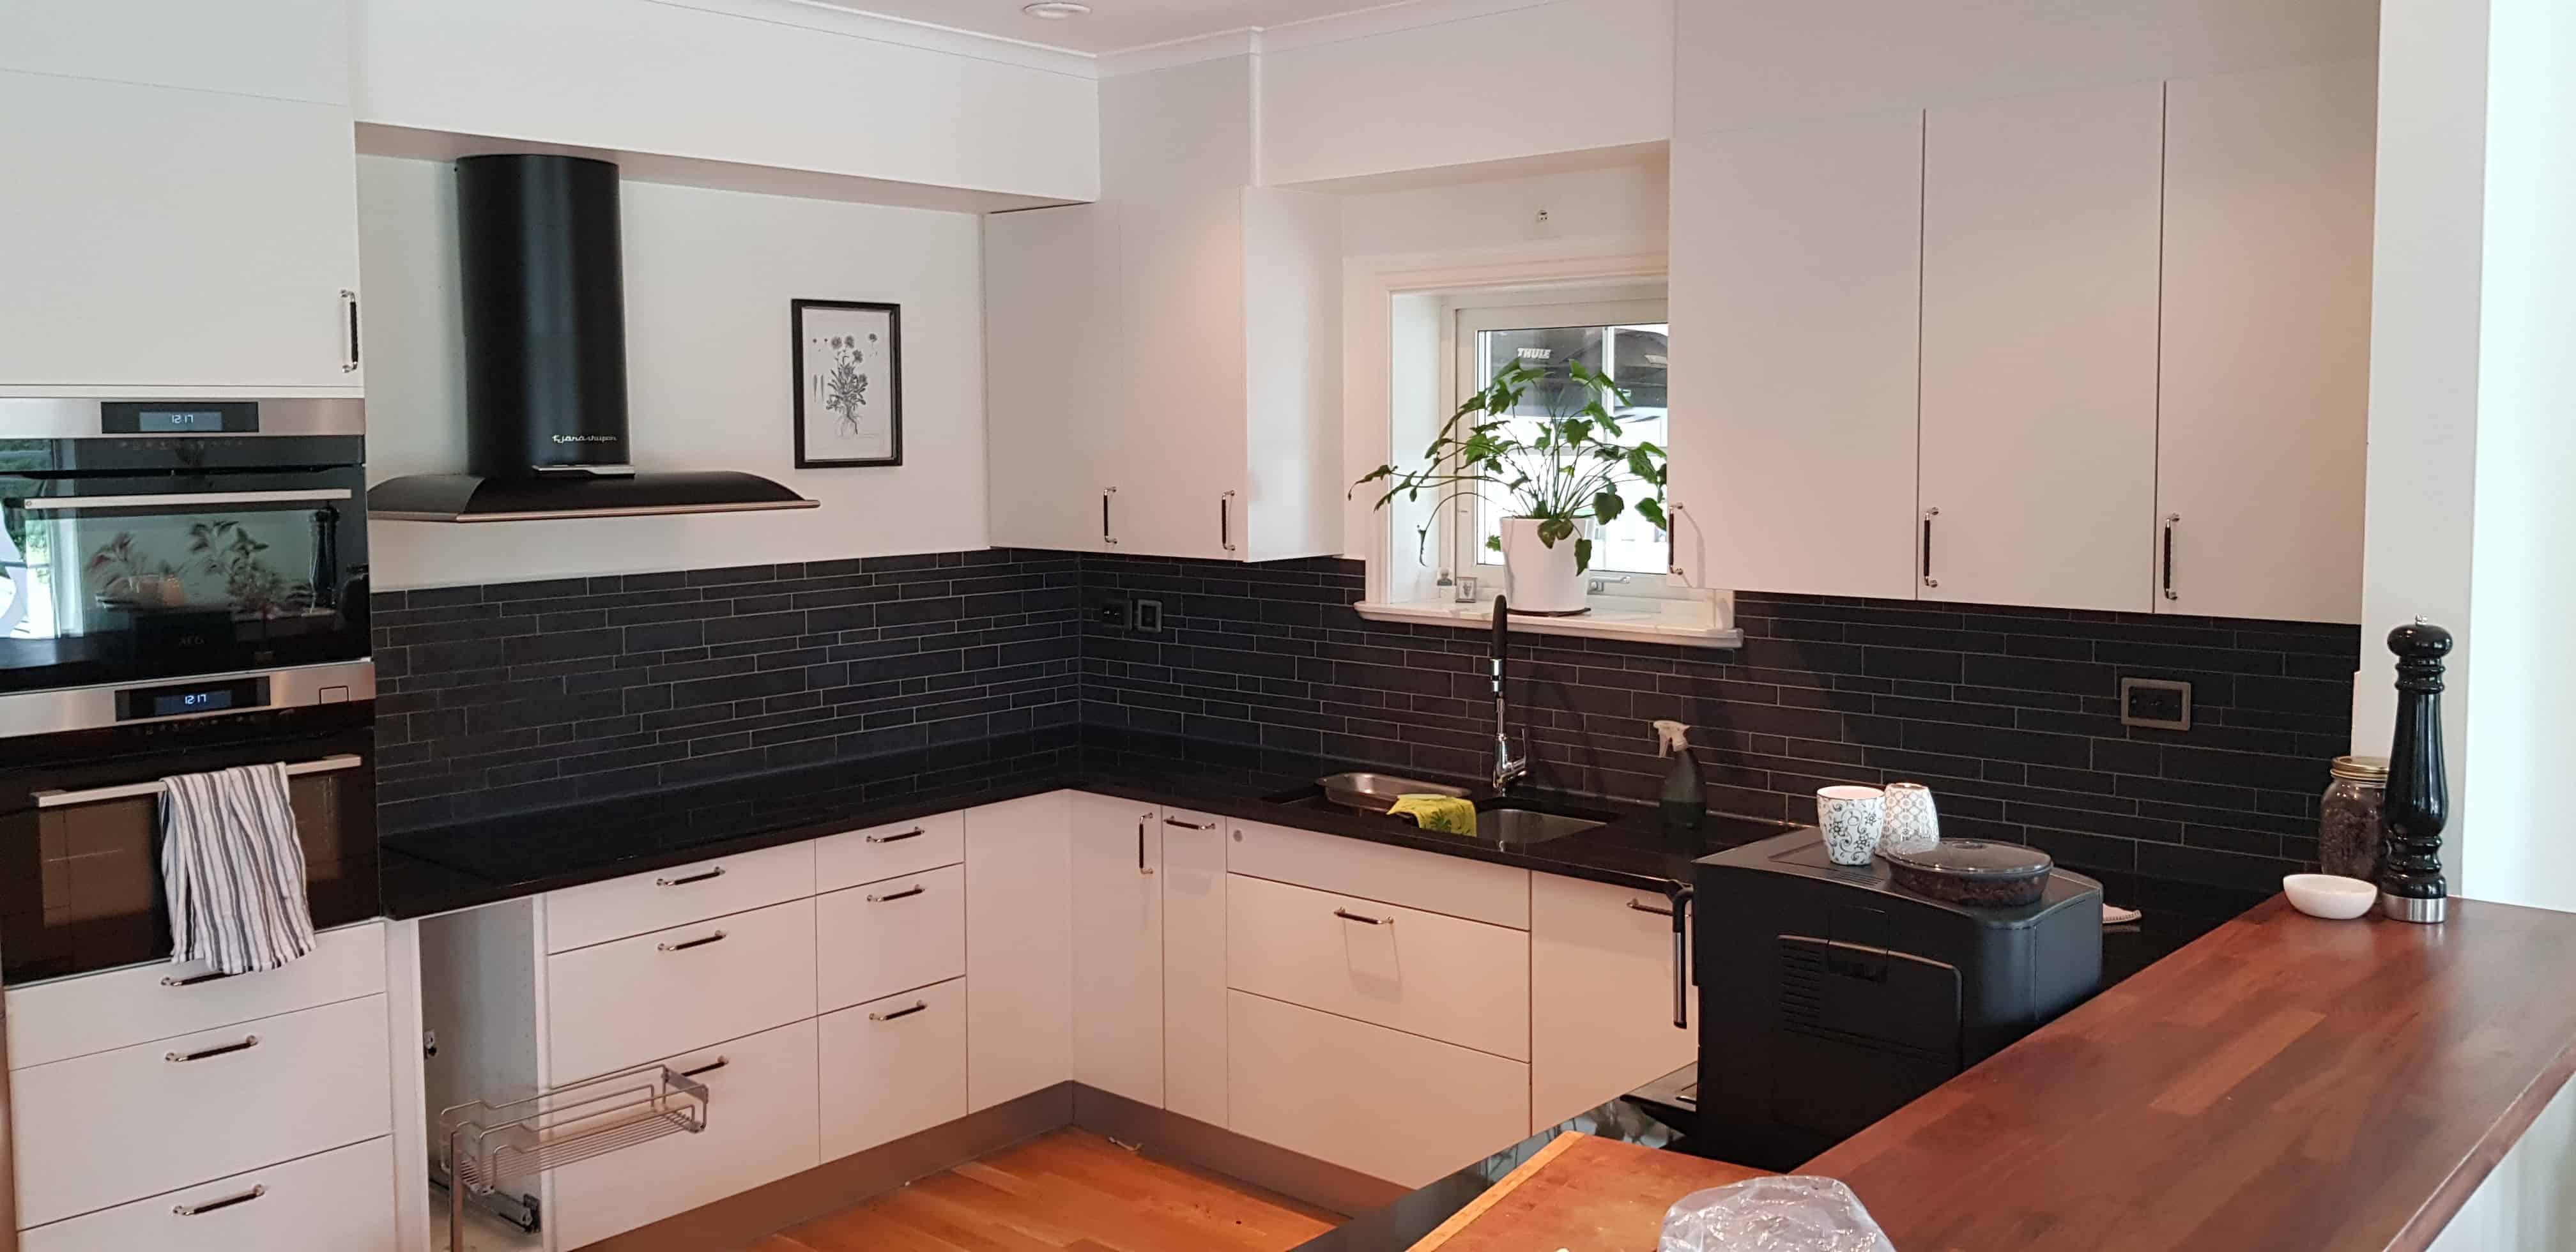 """Referensjobb """"Köksrenovering"""" utfört av Wärns Bygg Consulting i Mälardalen AB"""